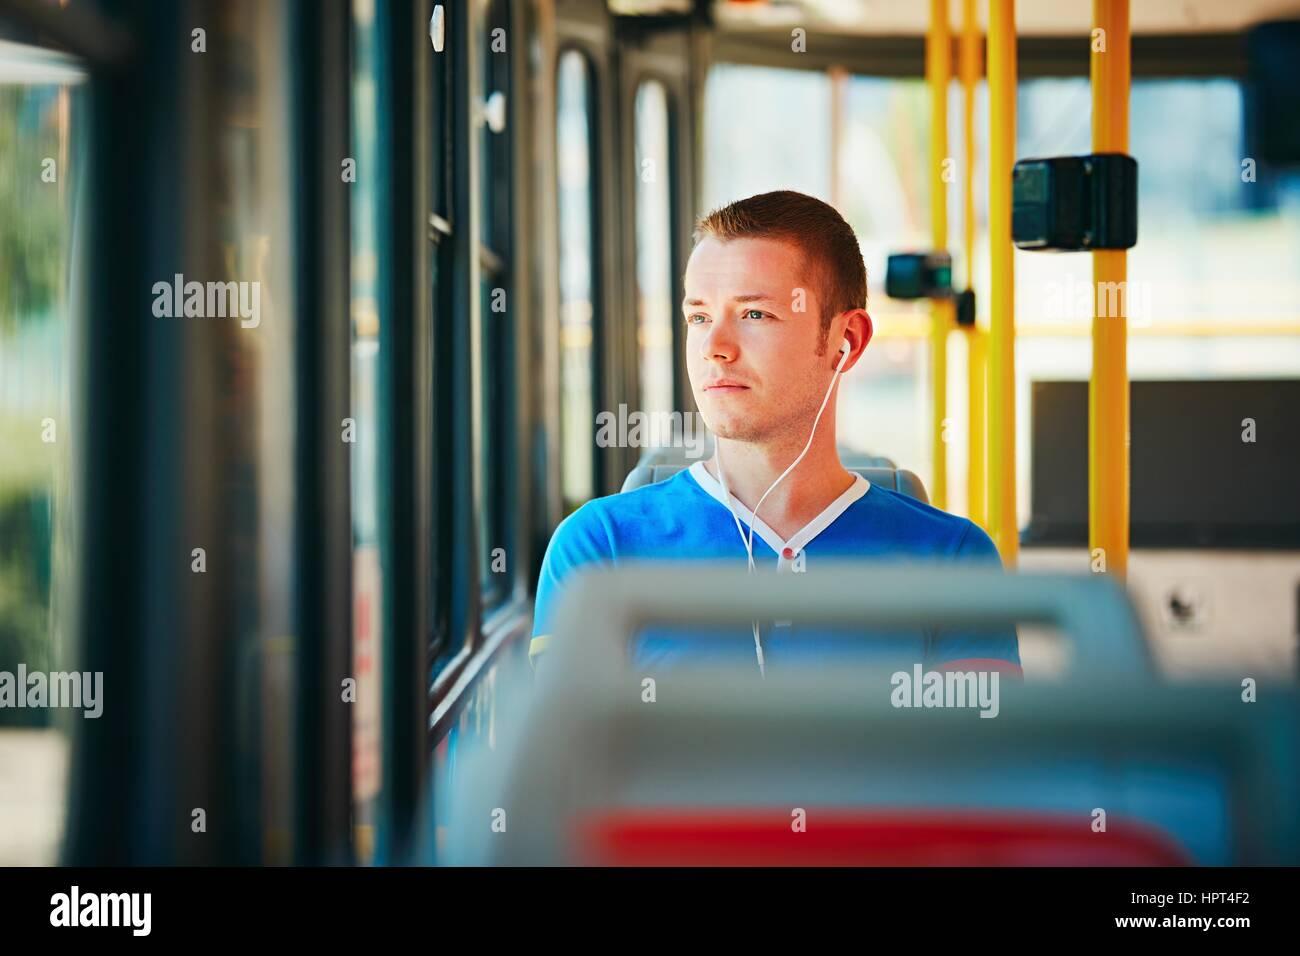 Einsamkeit-Mann trägt Kopfhörer und Musik hören. Alltag und pendeln zur Arbeit mit öffentlichen Stockbild